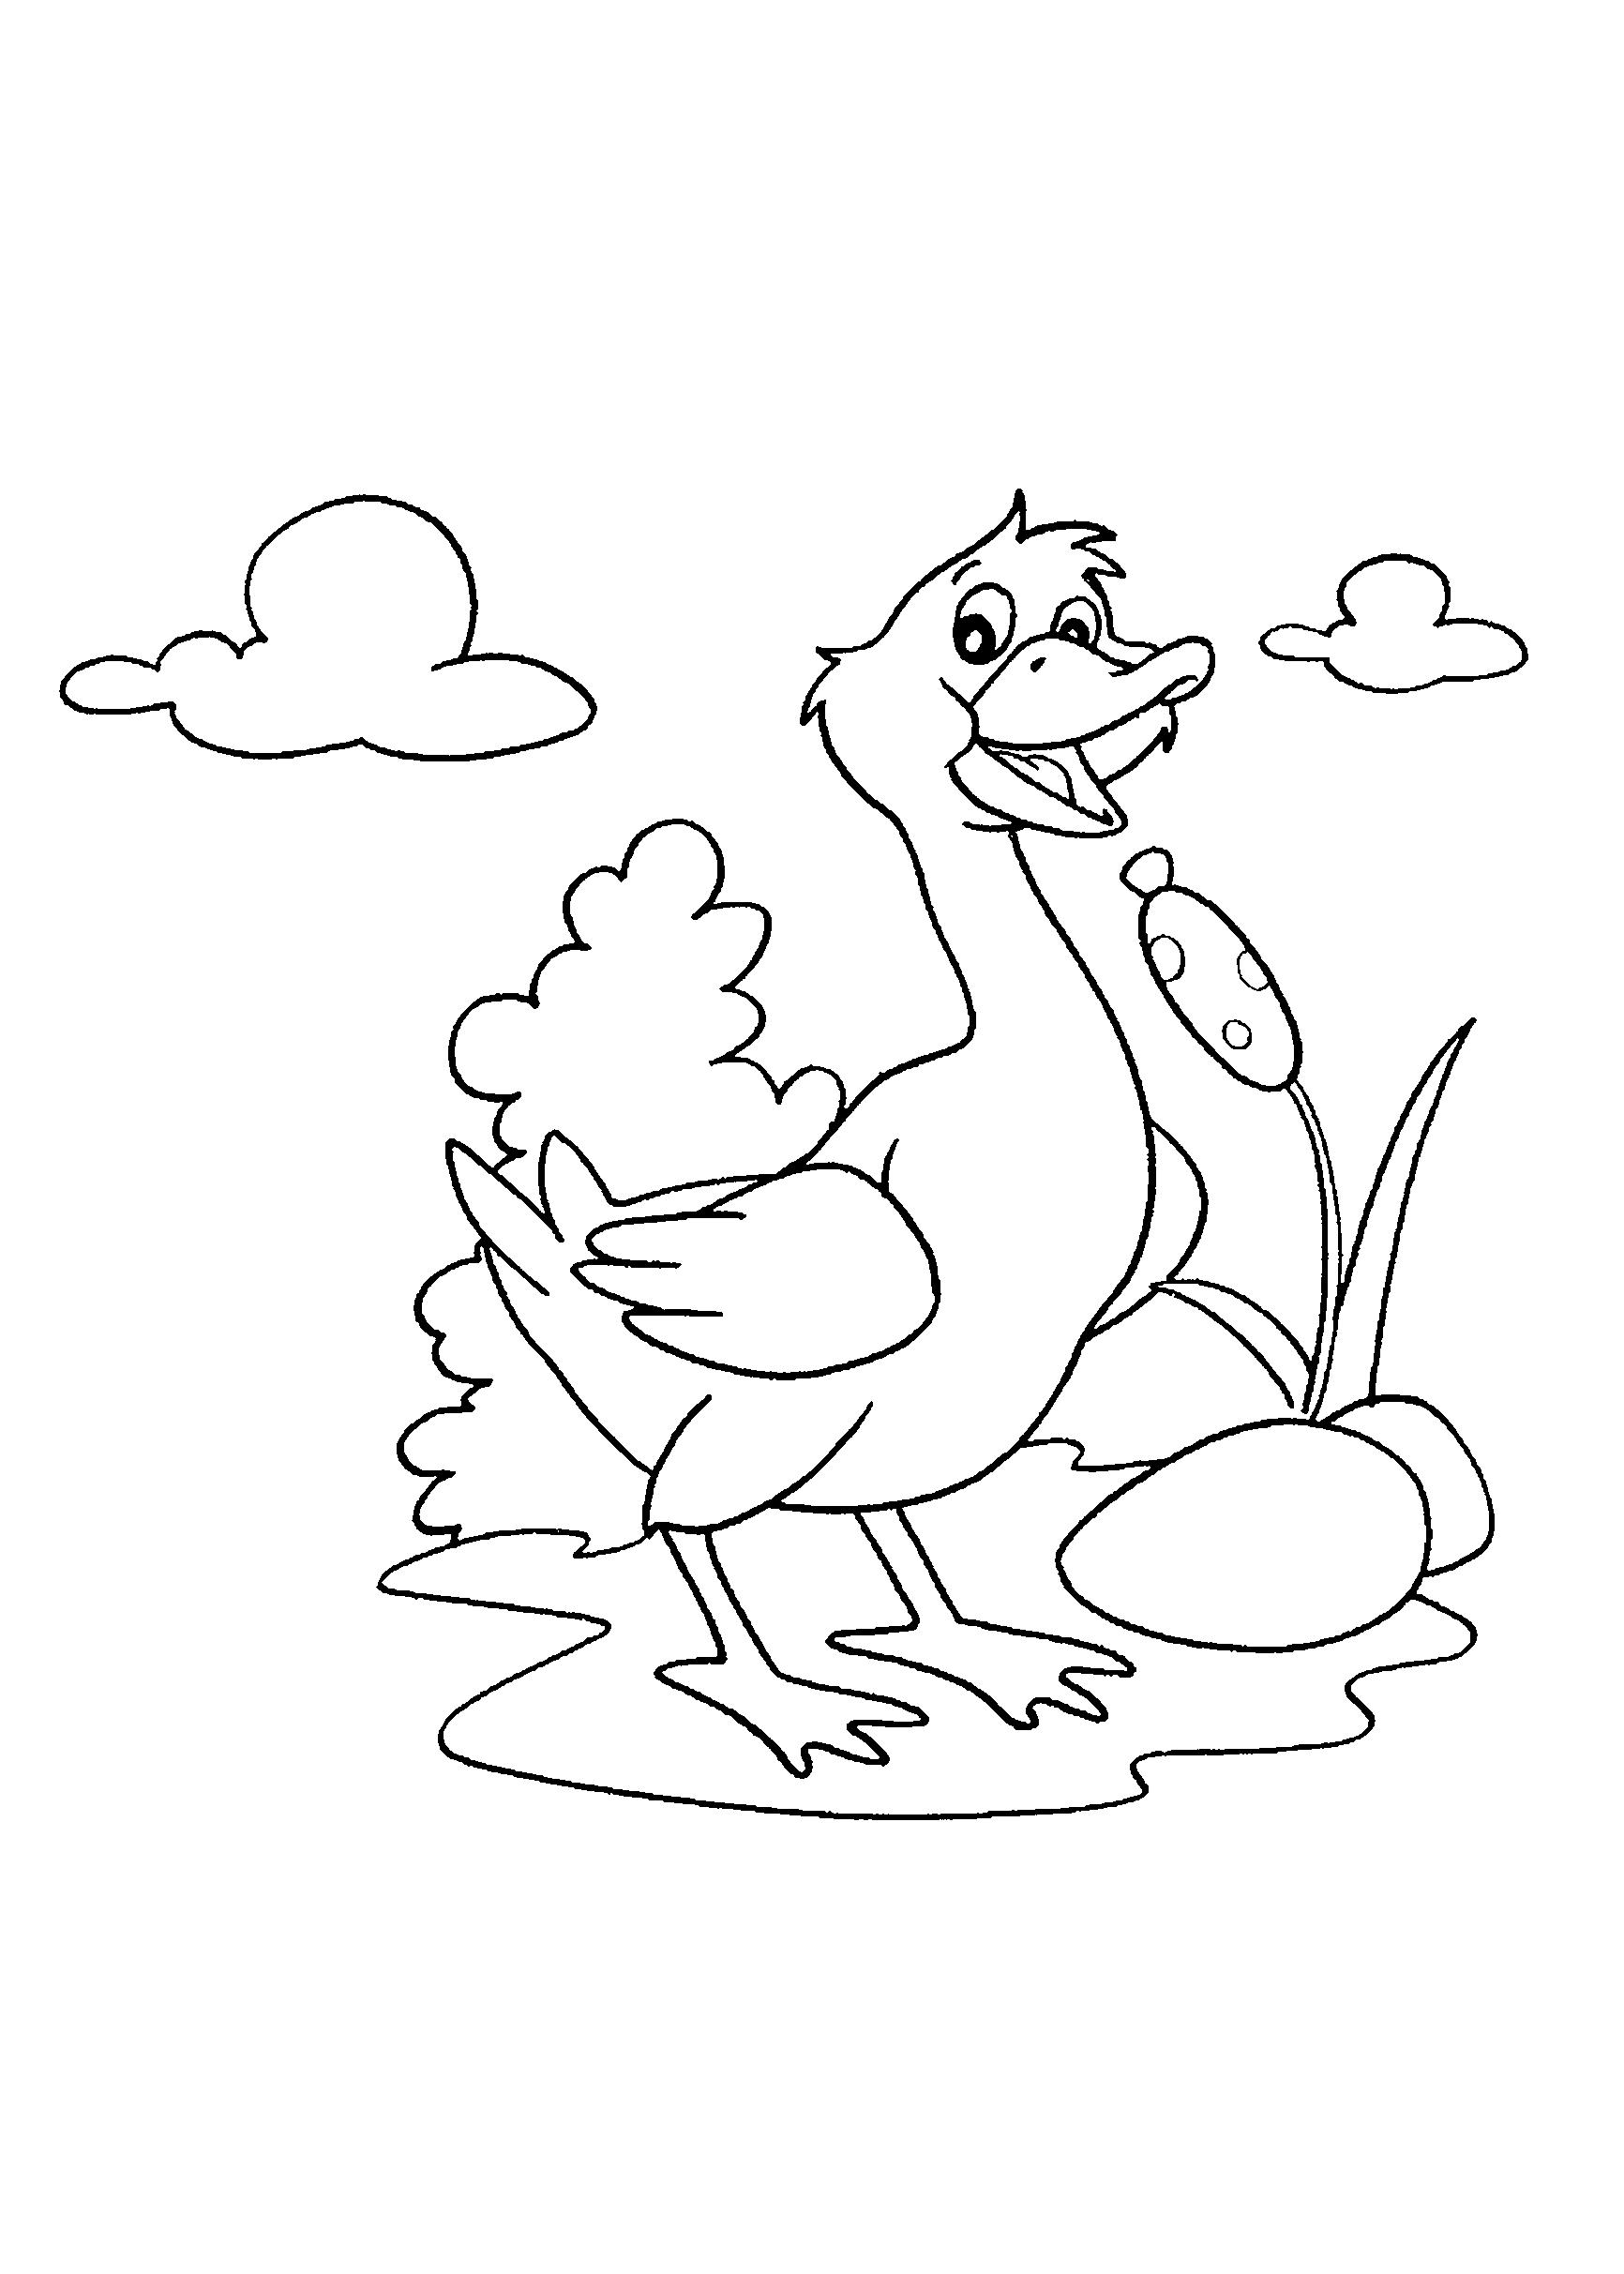 Desenho de pato adulto